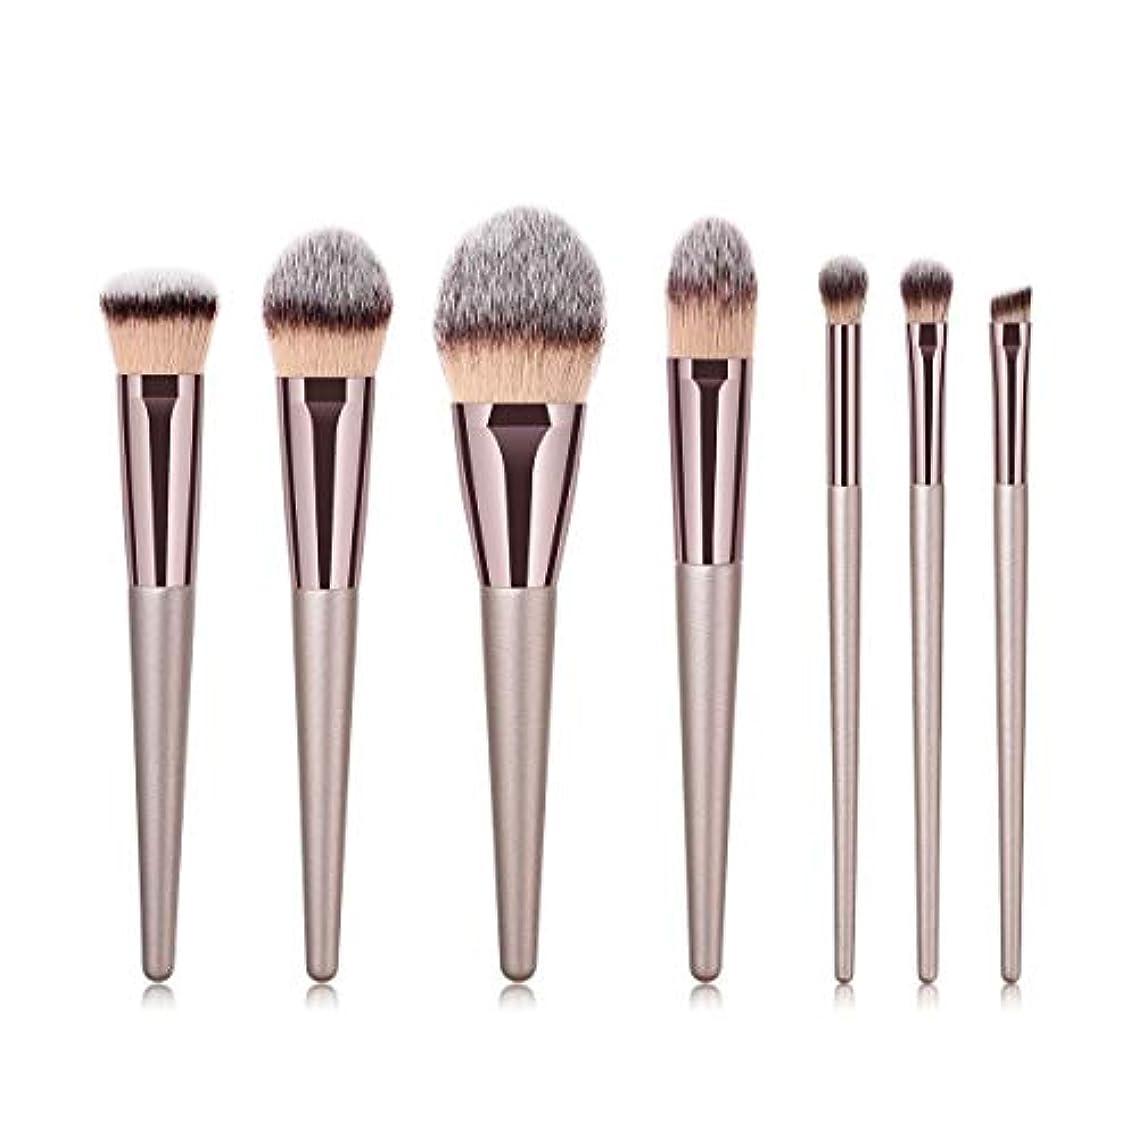 デクリメント式暗殺するMakeup brushes 7化粧ブラシファンデーションブラシパウダーブラッシュブラシアイシャドーブラシハイトグロスシルエットブラシセットブラシグレー suits (Color : Gray)